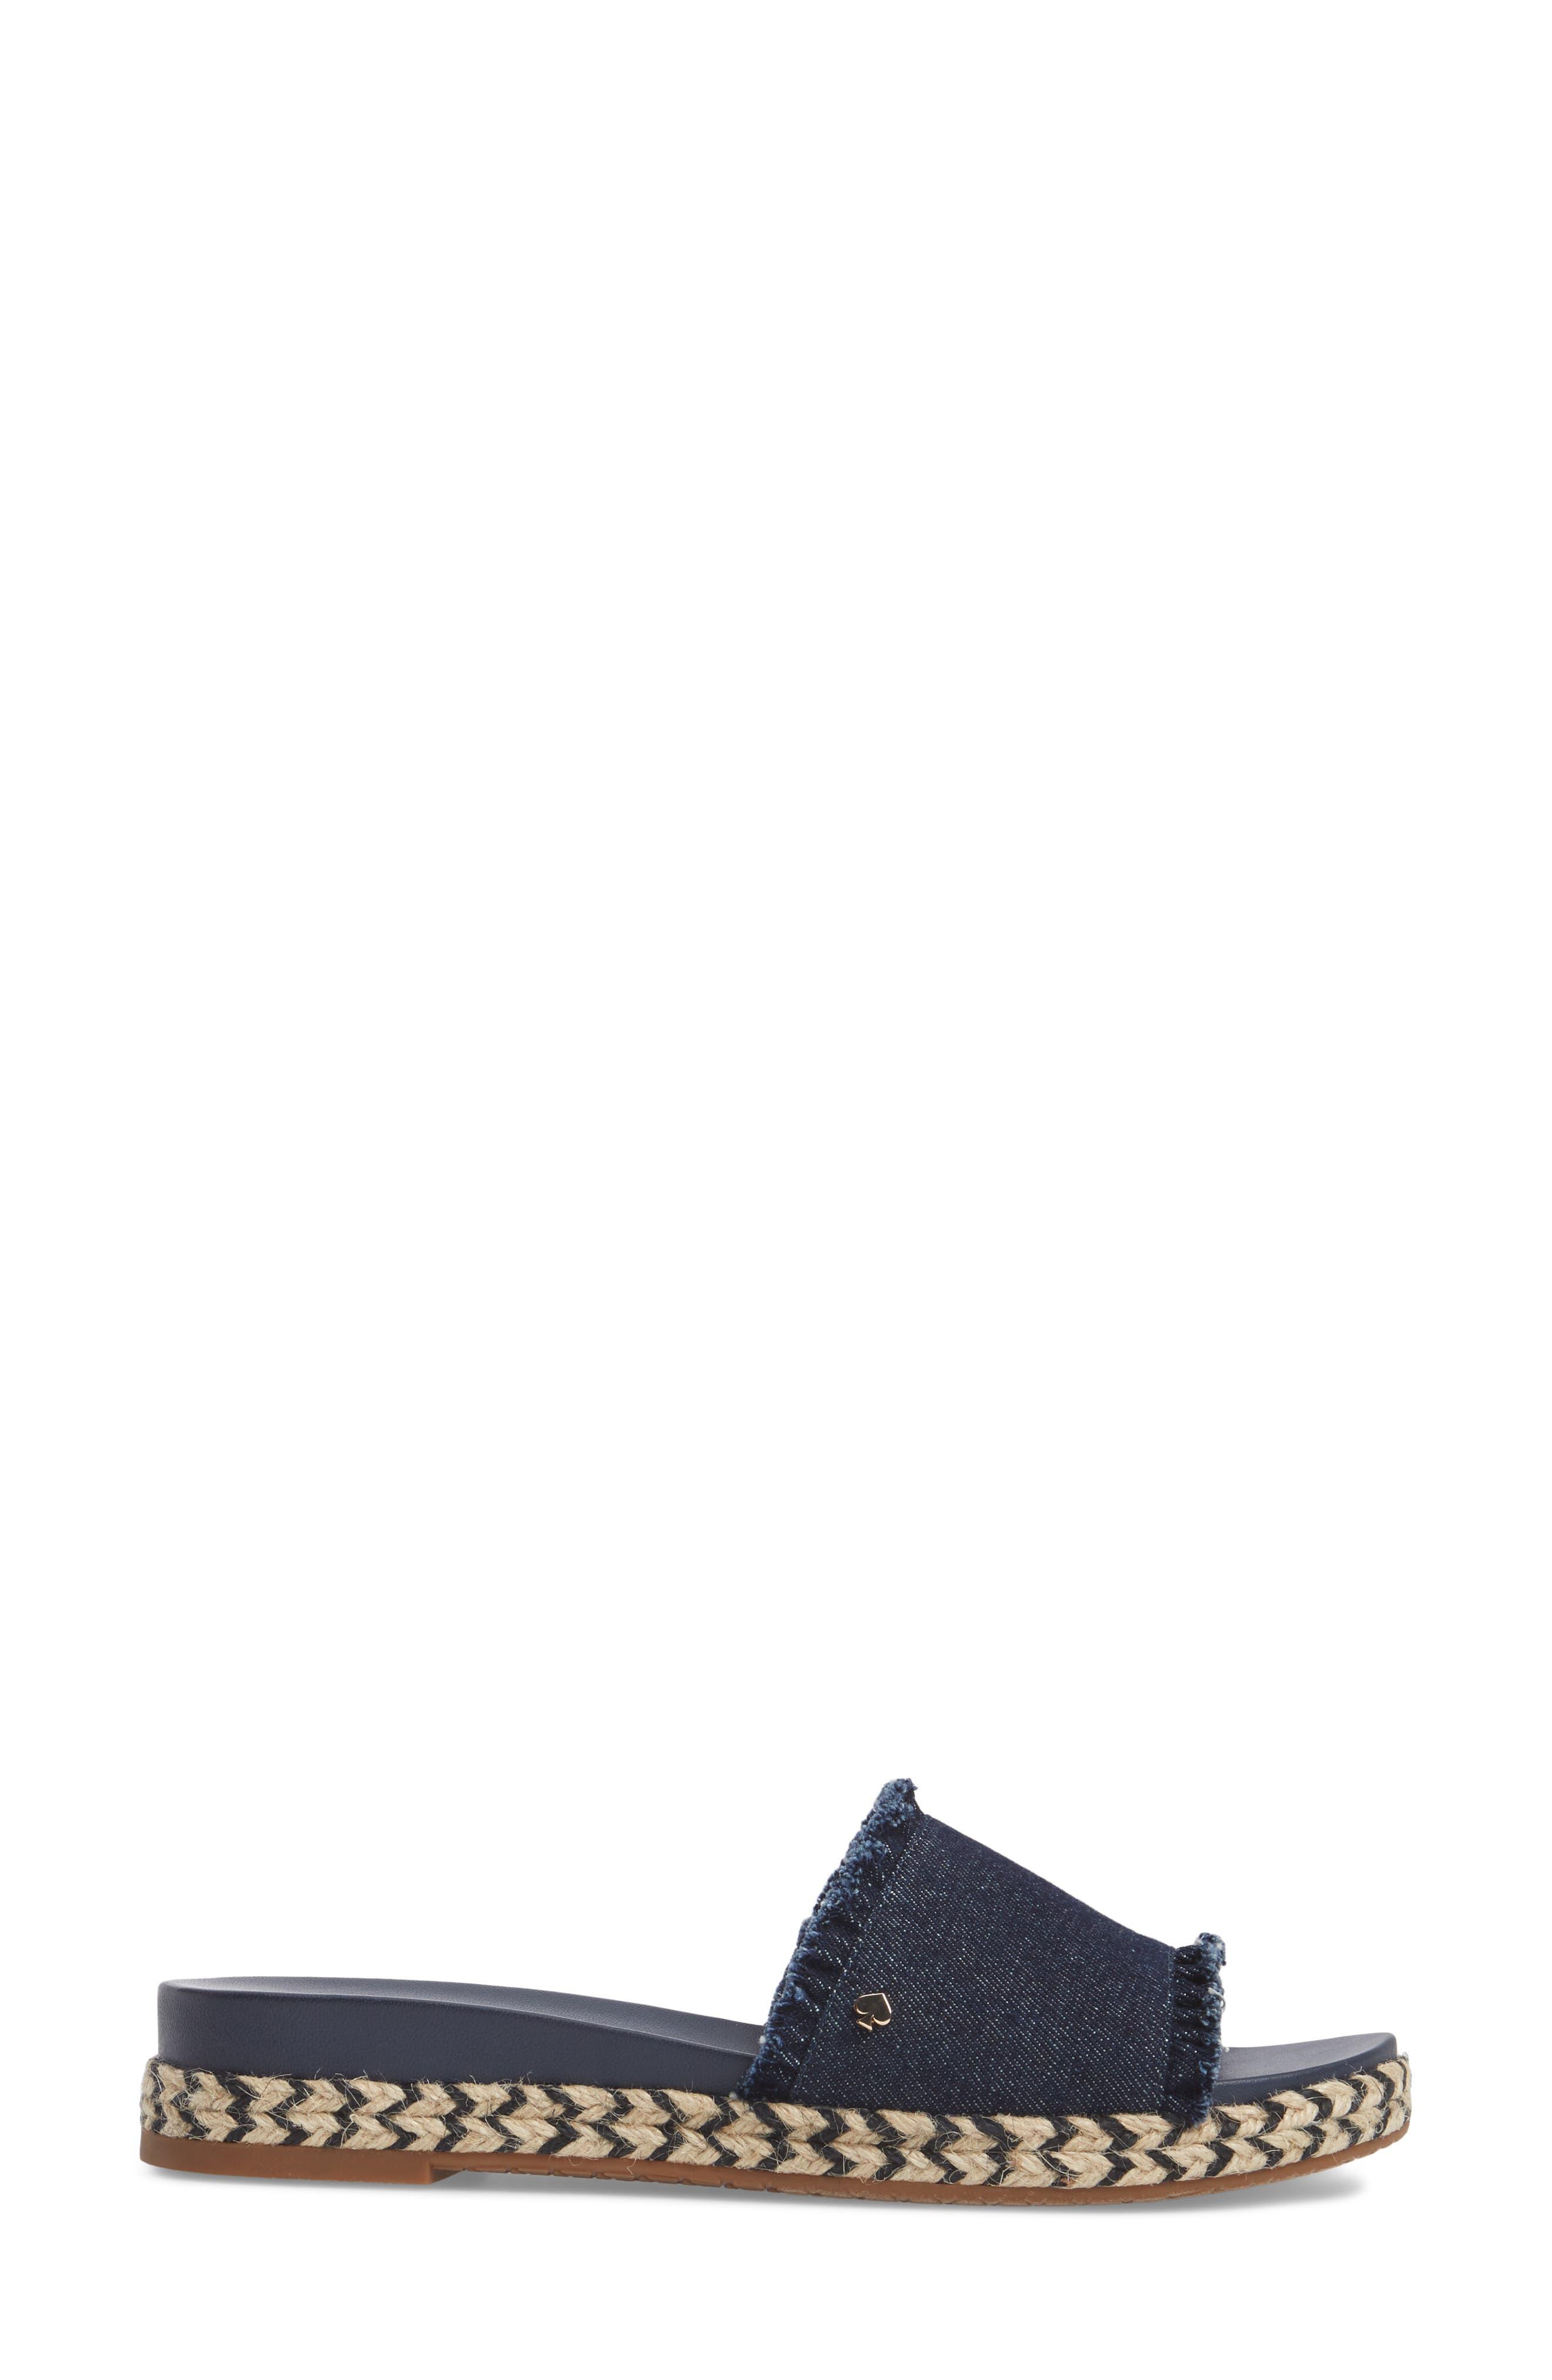 Alternate Image 3  - kate spade new york zahara slide sandal (Women)